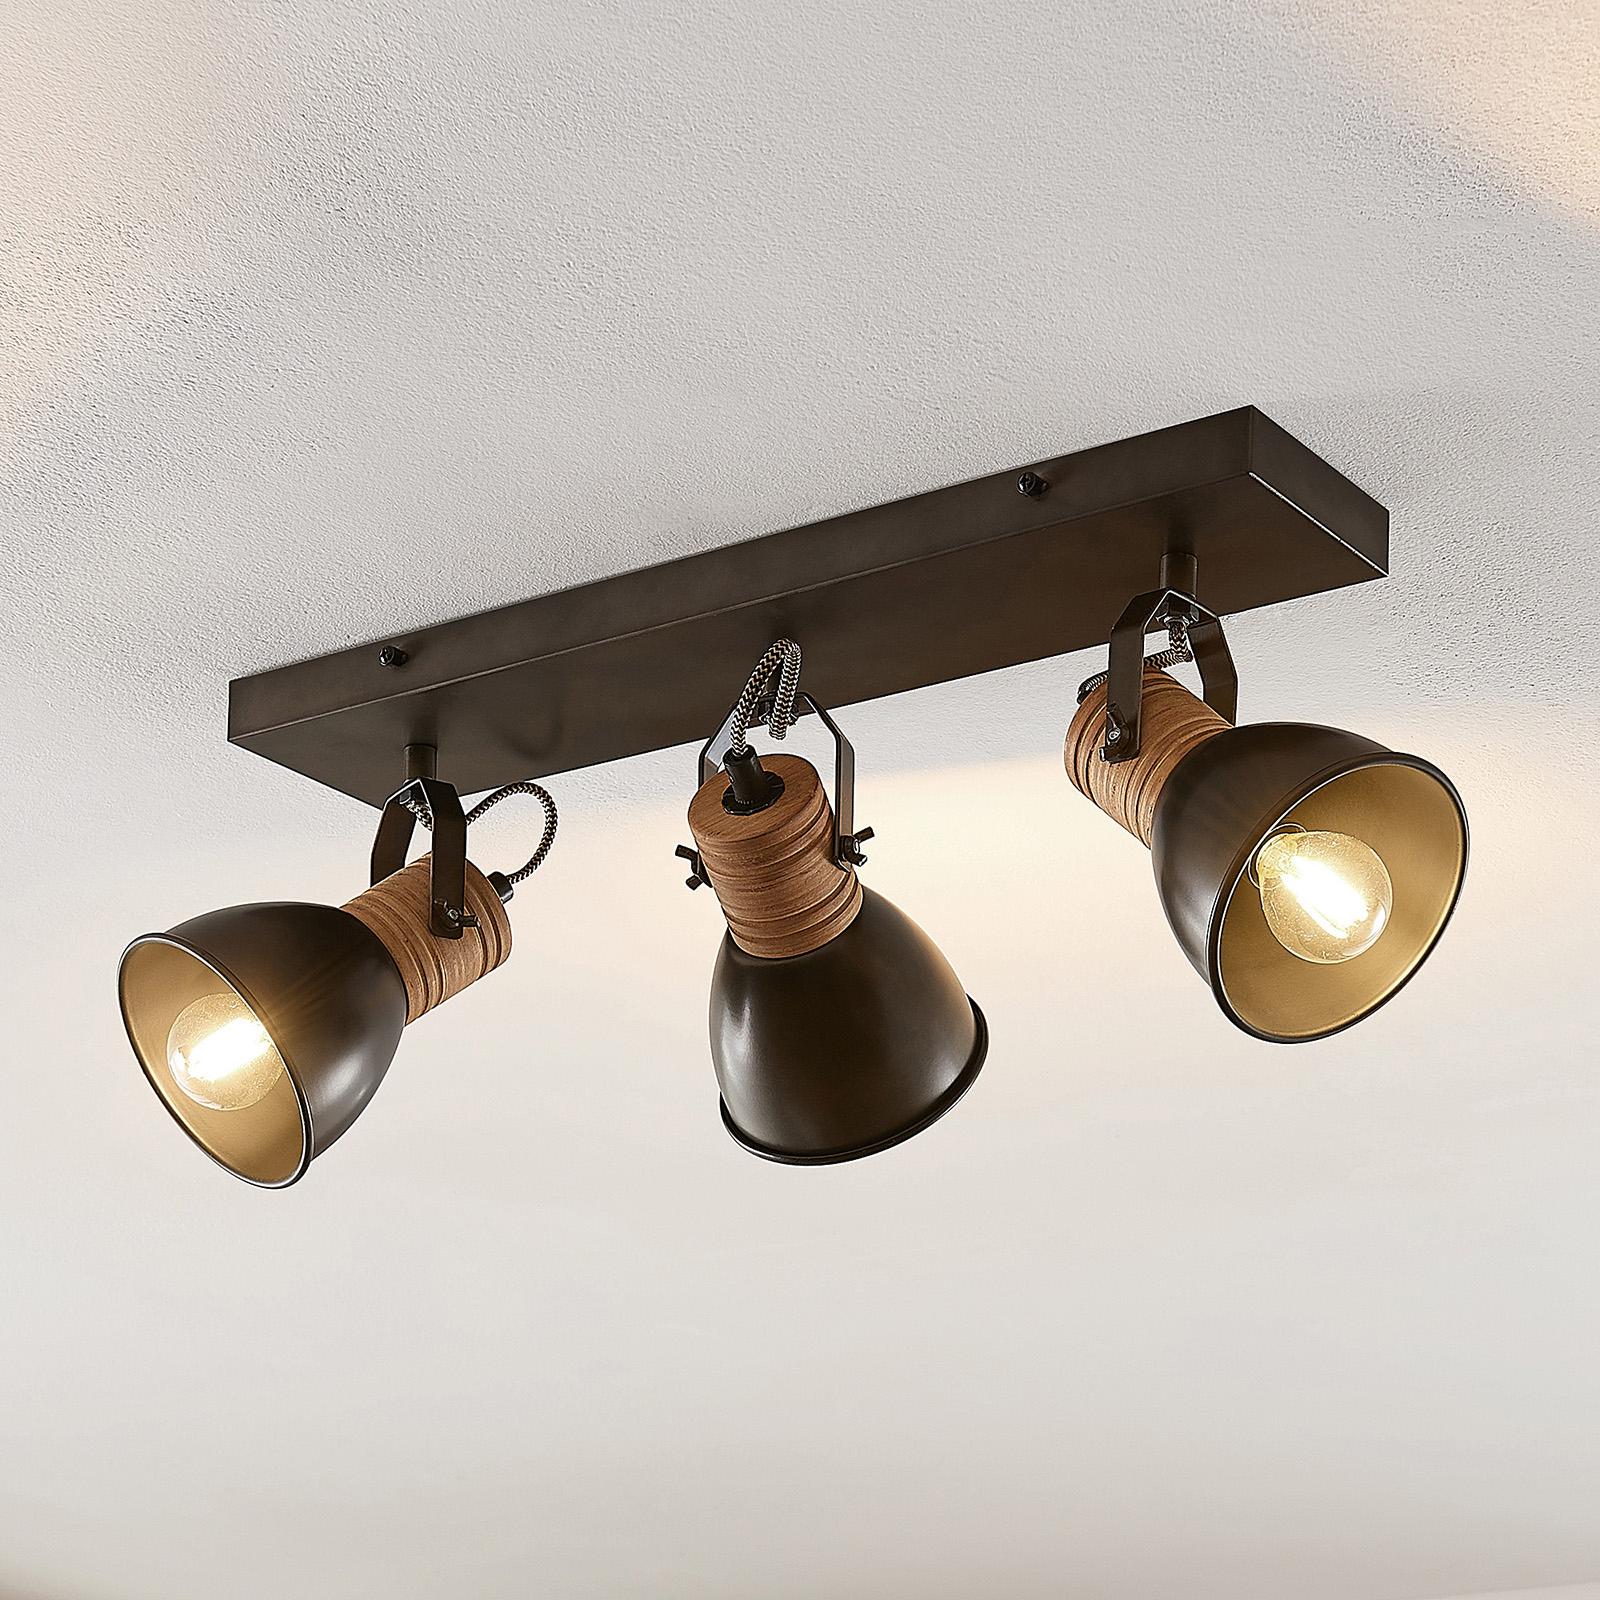 Lindby-Arina stropní světlo, podlouhl., dřevo, 3ž.